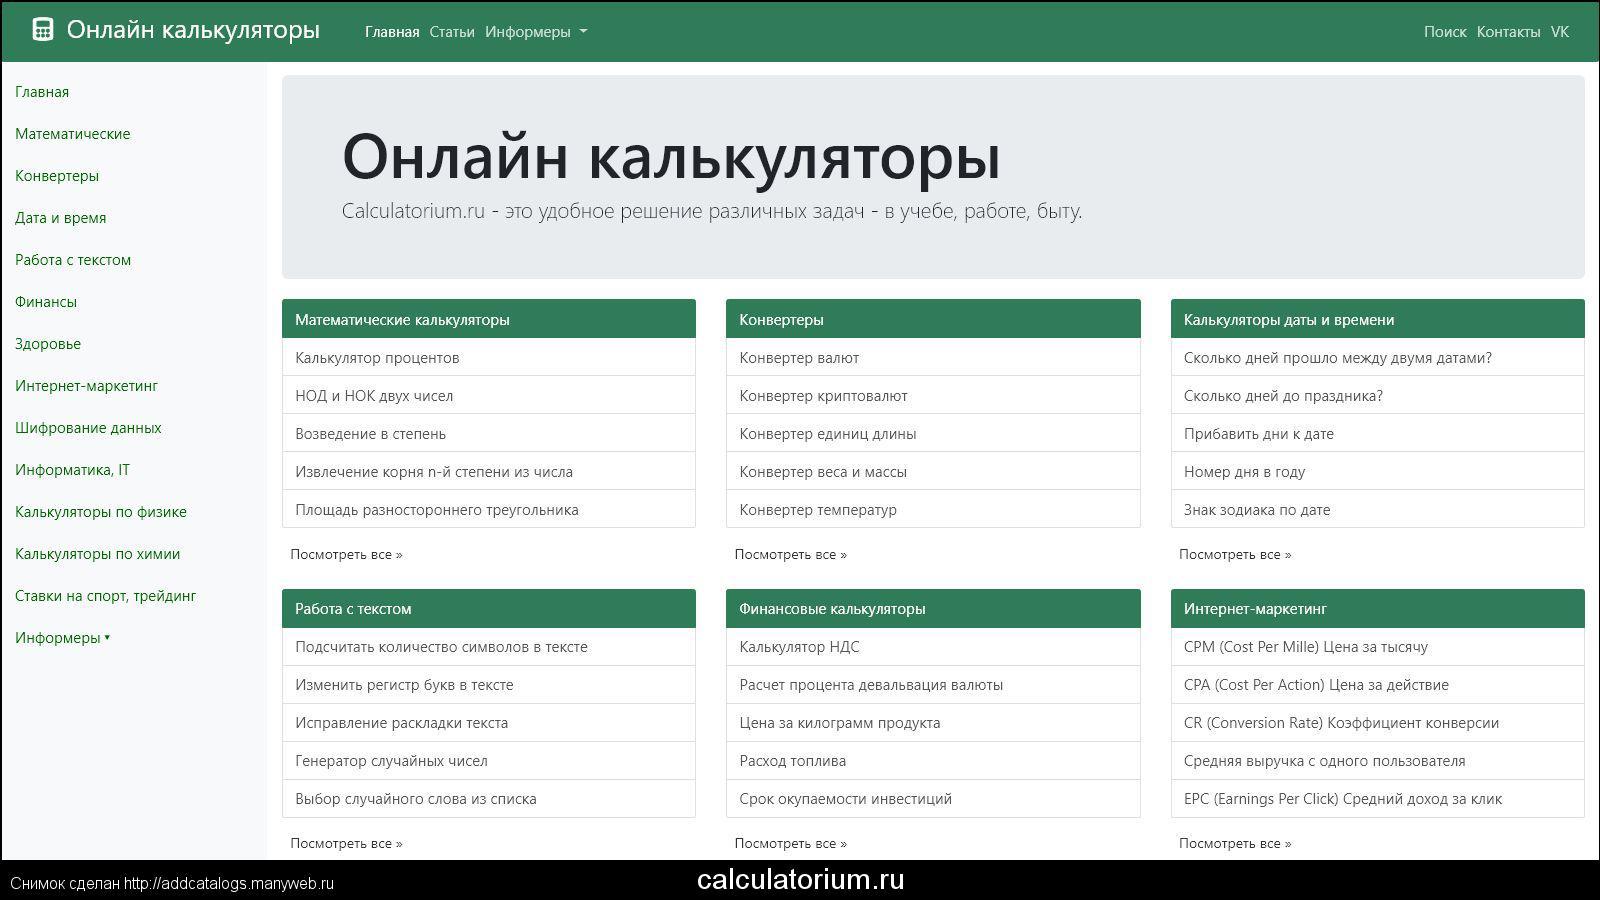 Субаренда нежилого помещения - что это такое | domosite.ru